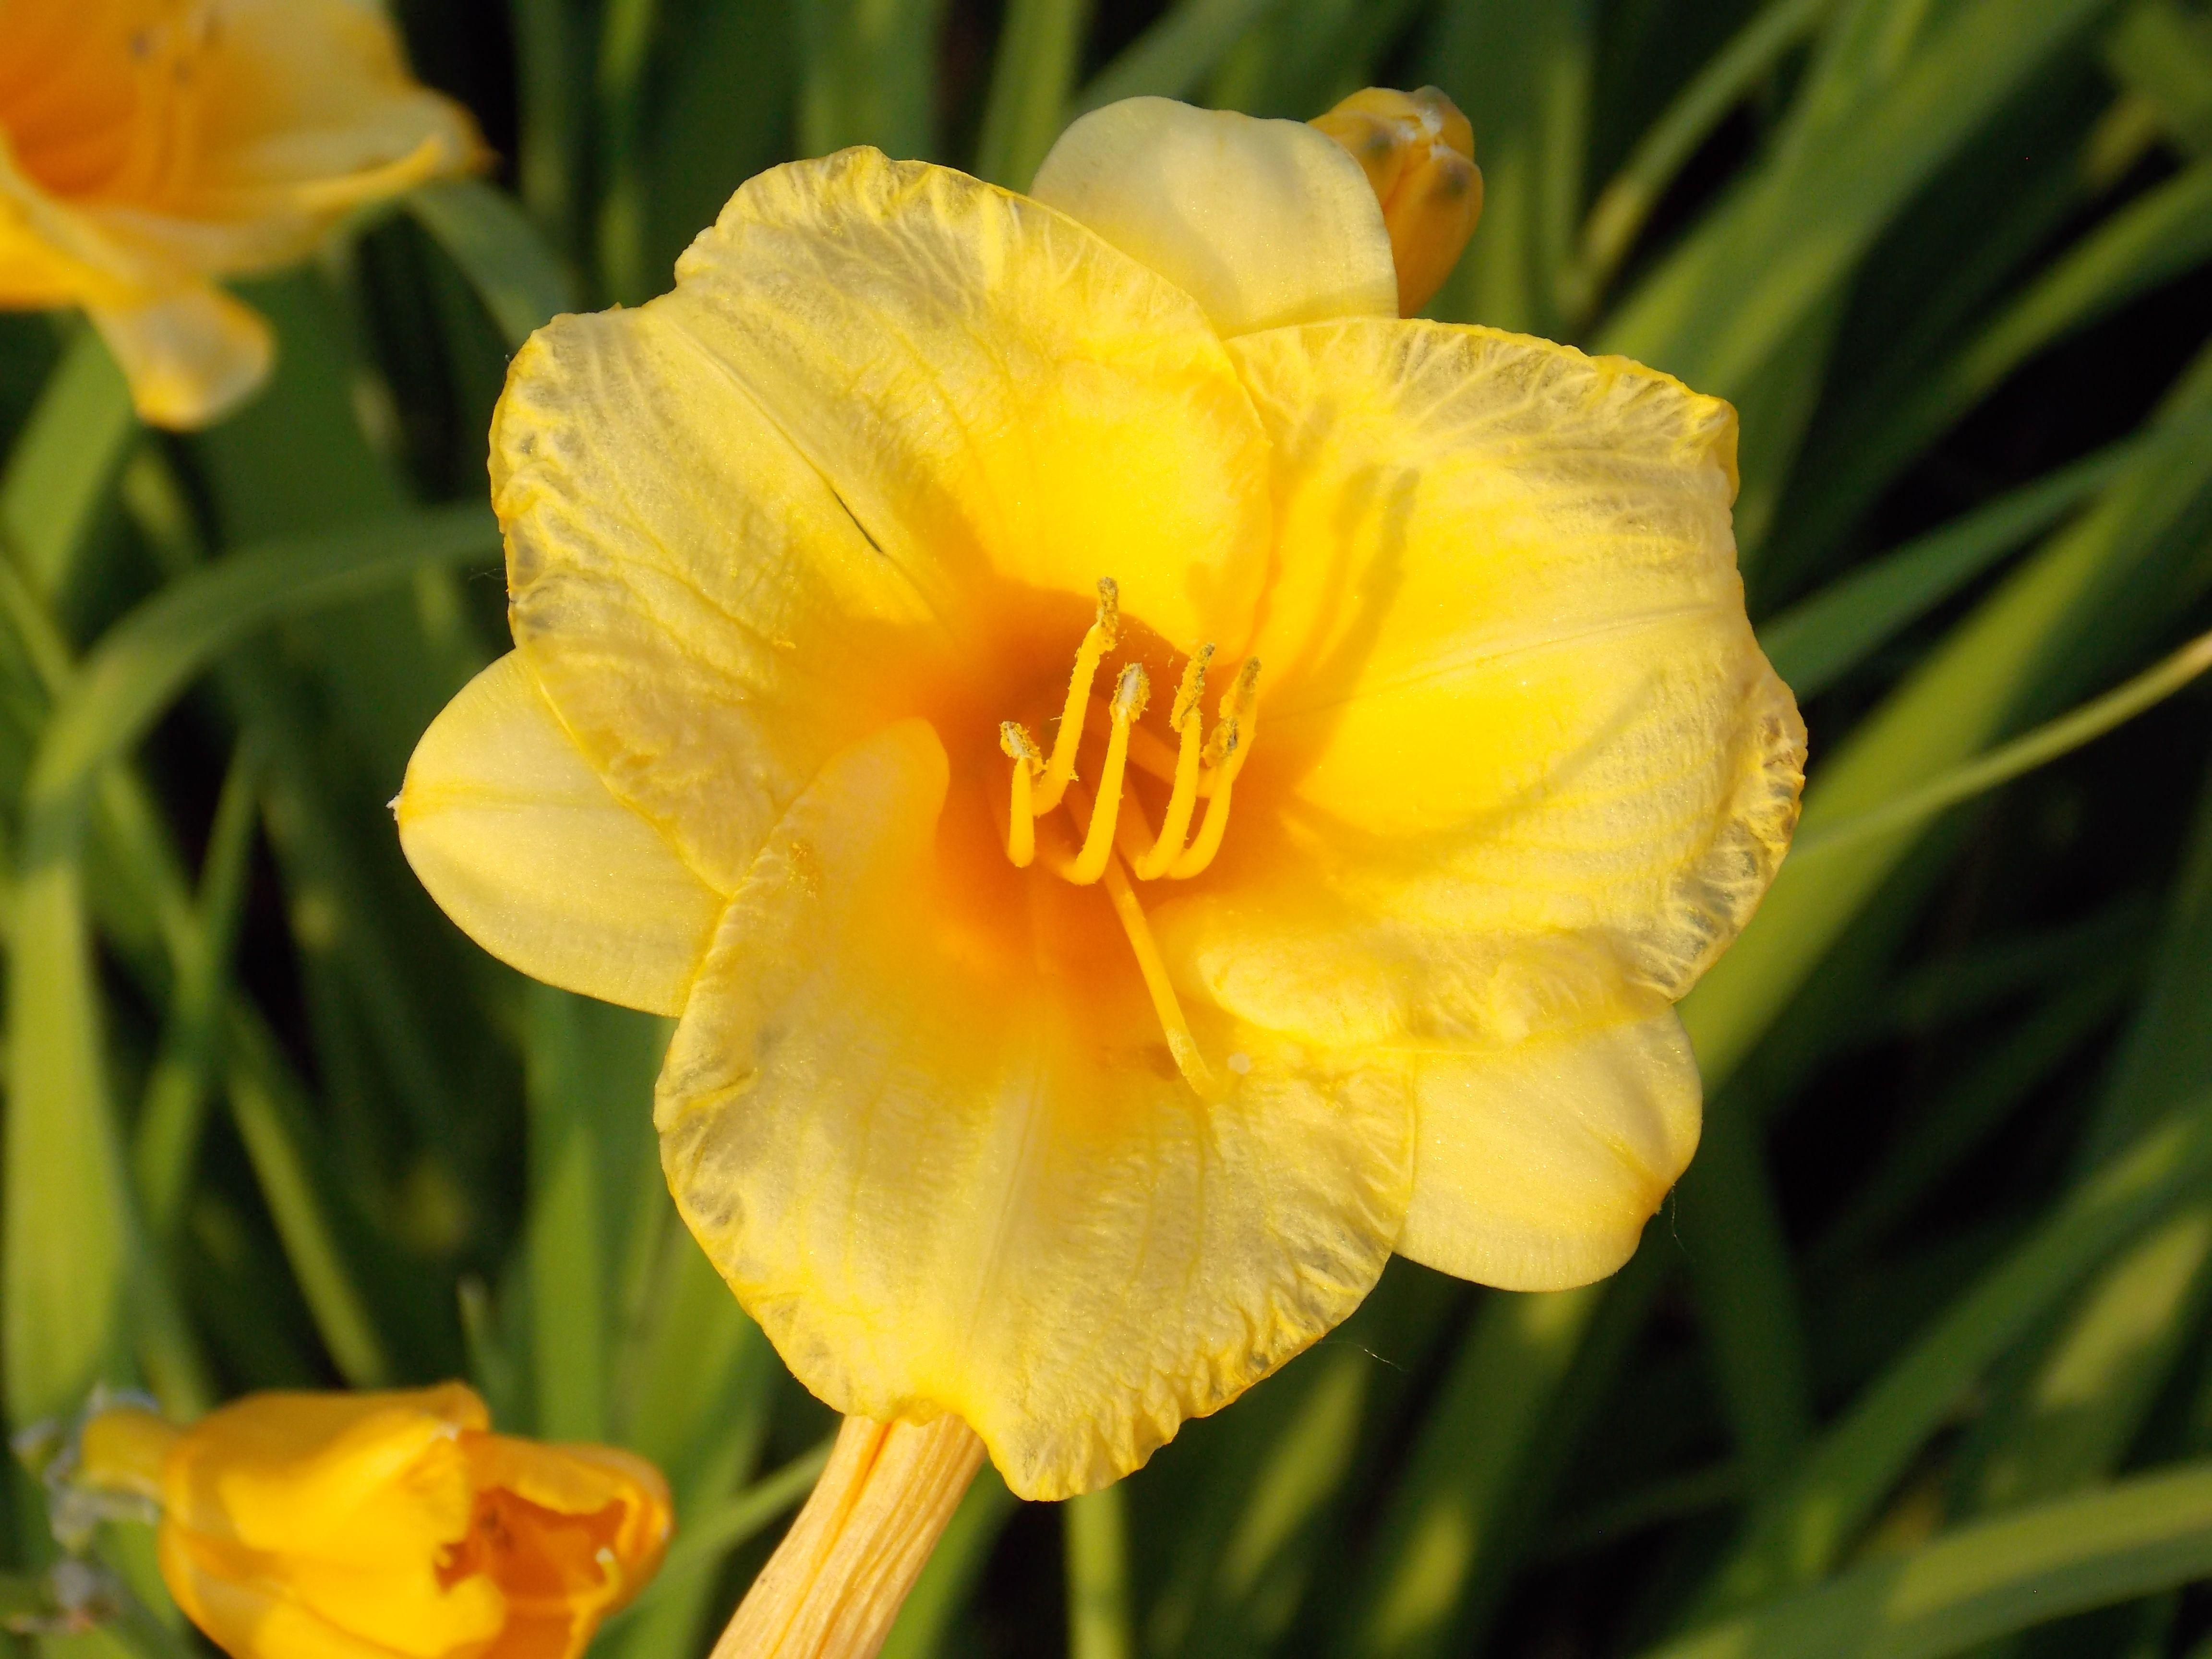 Yellow flower on Ben Butterworth Parkway, Moline, Illinois.